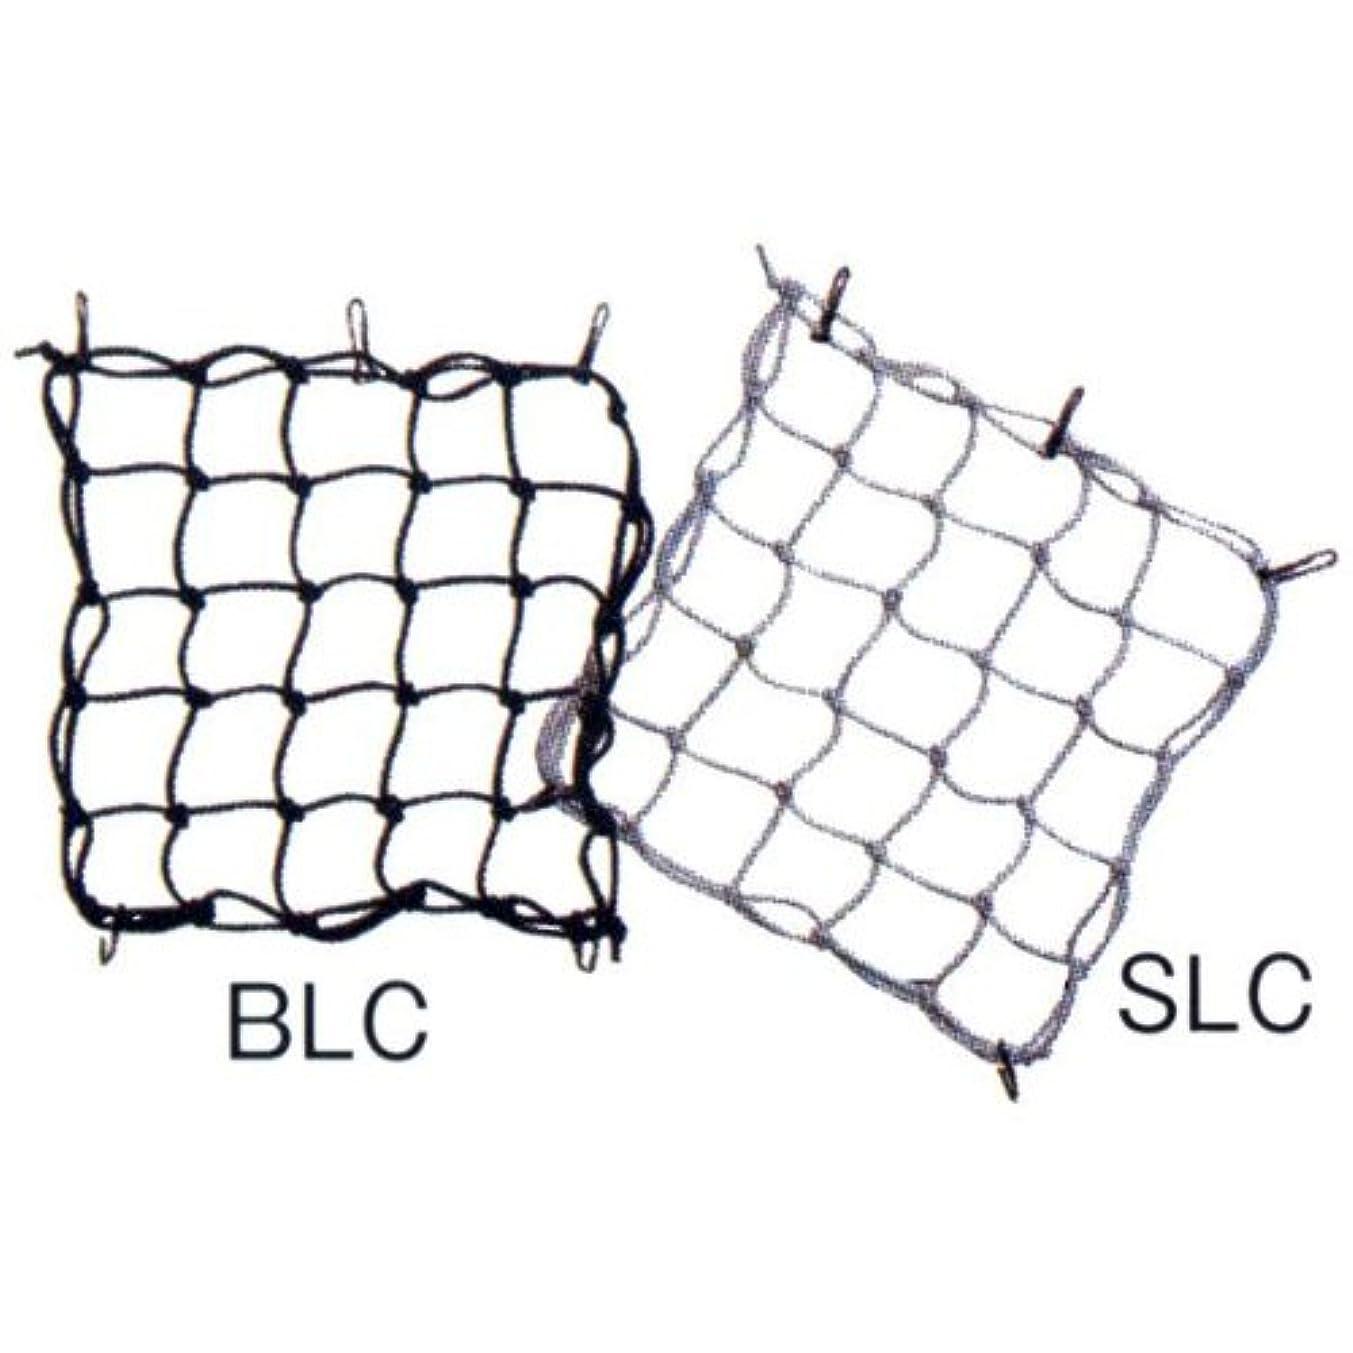 現実には岩魅惑するブリヂストン(BSC) リヤバスケット用ネット パック